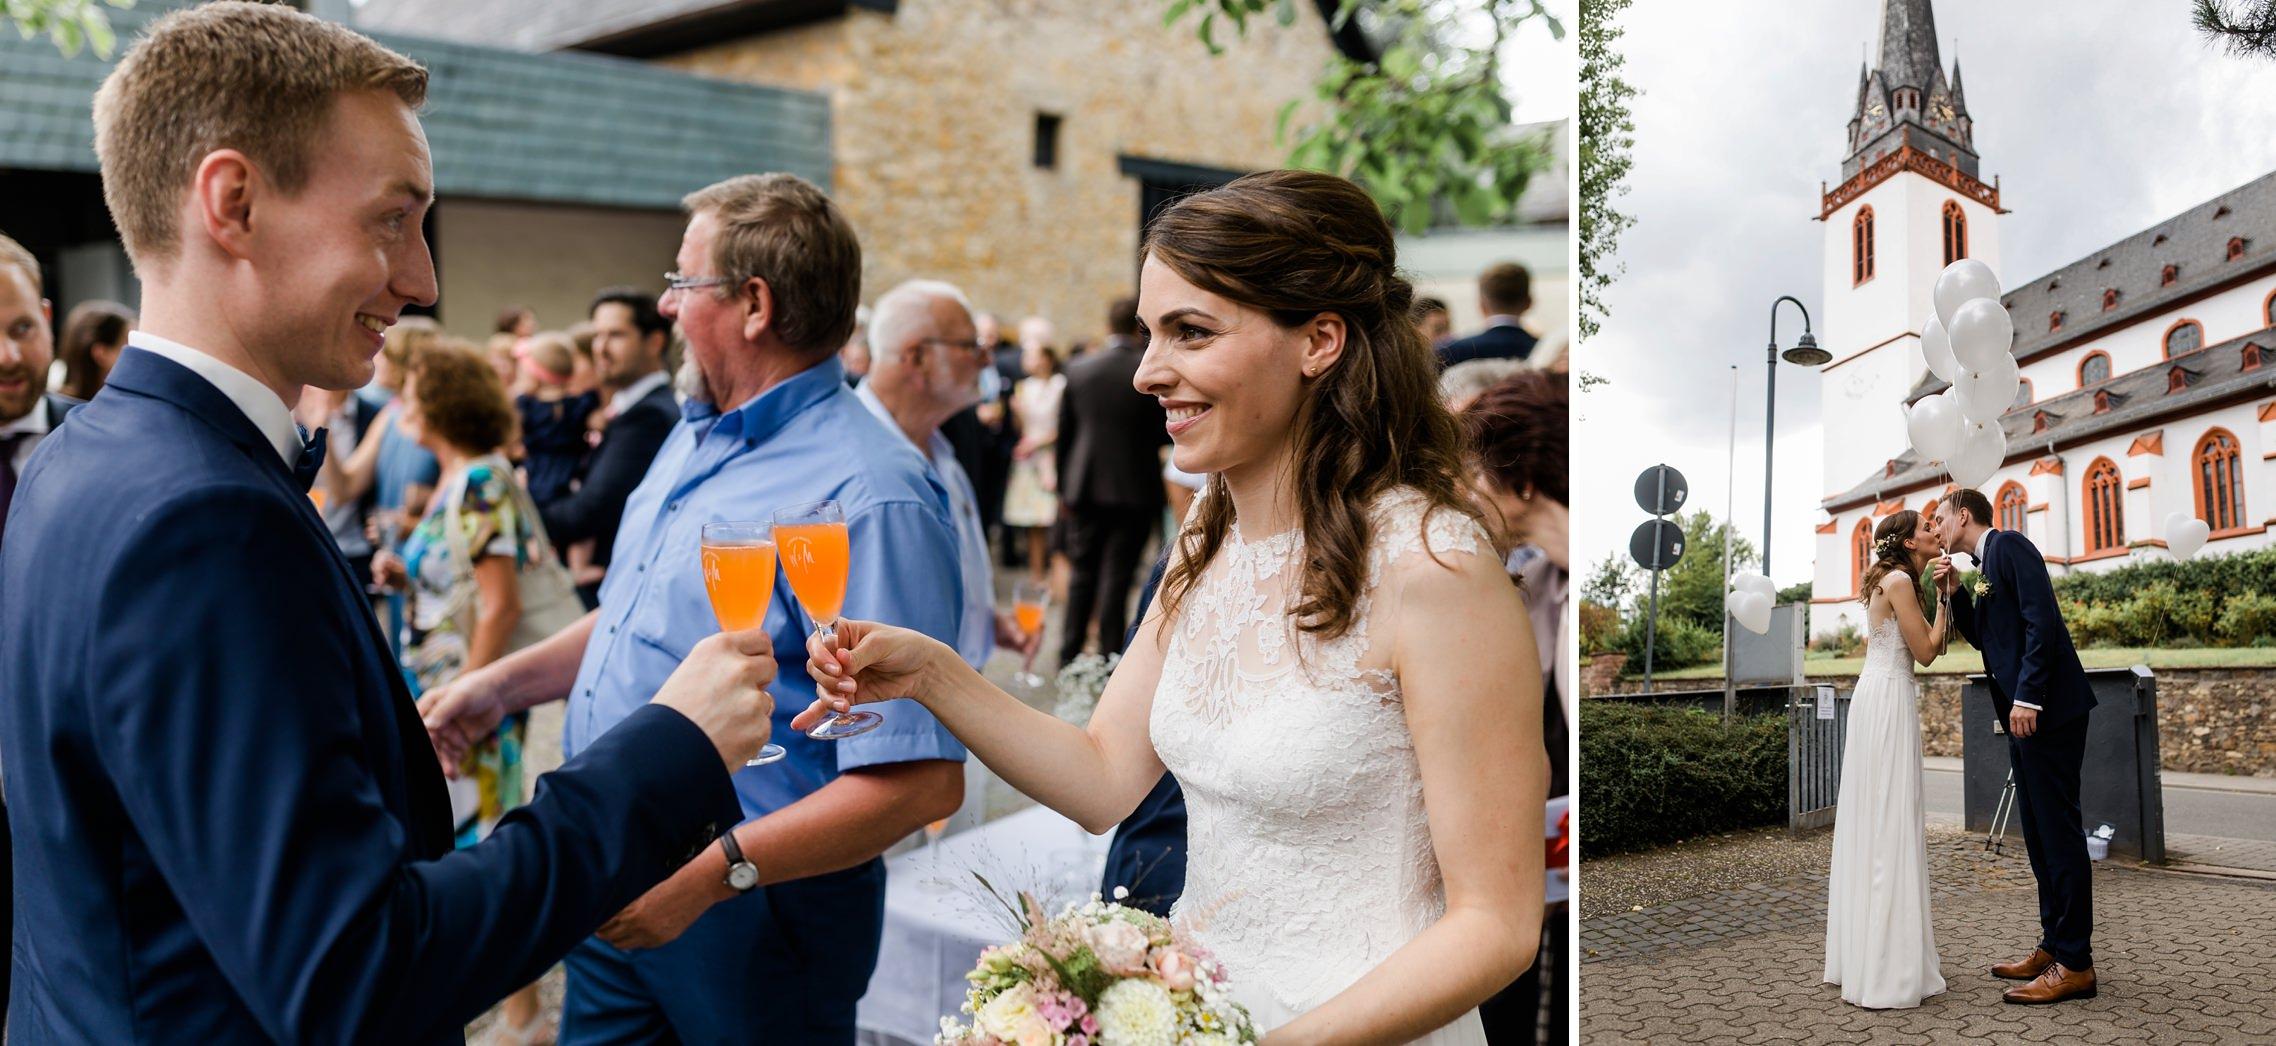 Das Brautpaar stößt an und lässt Luftballons steigen.